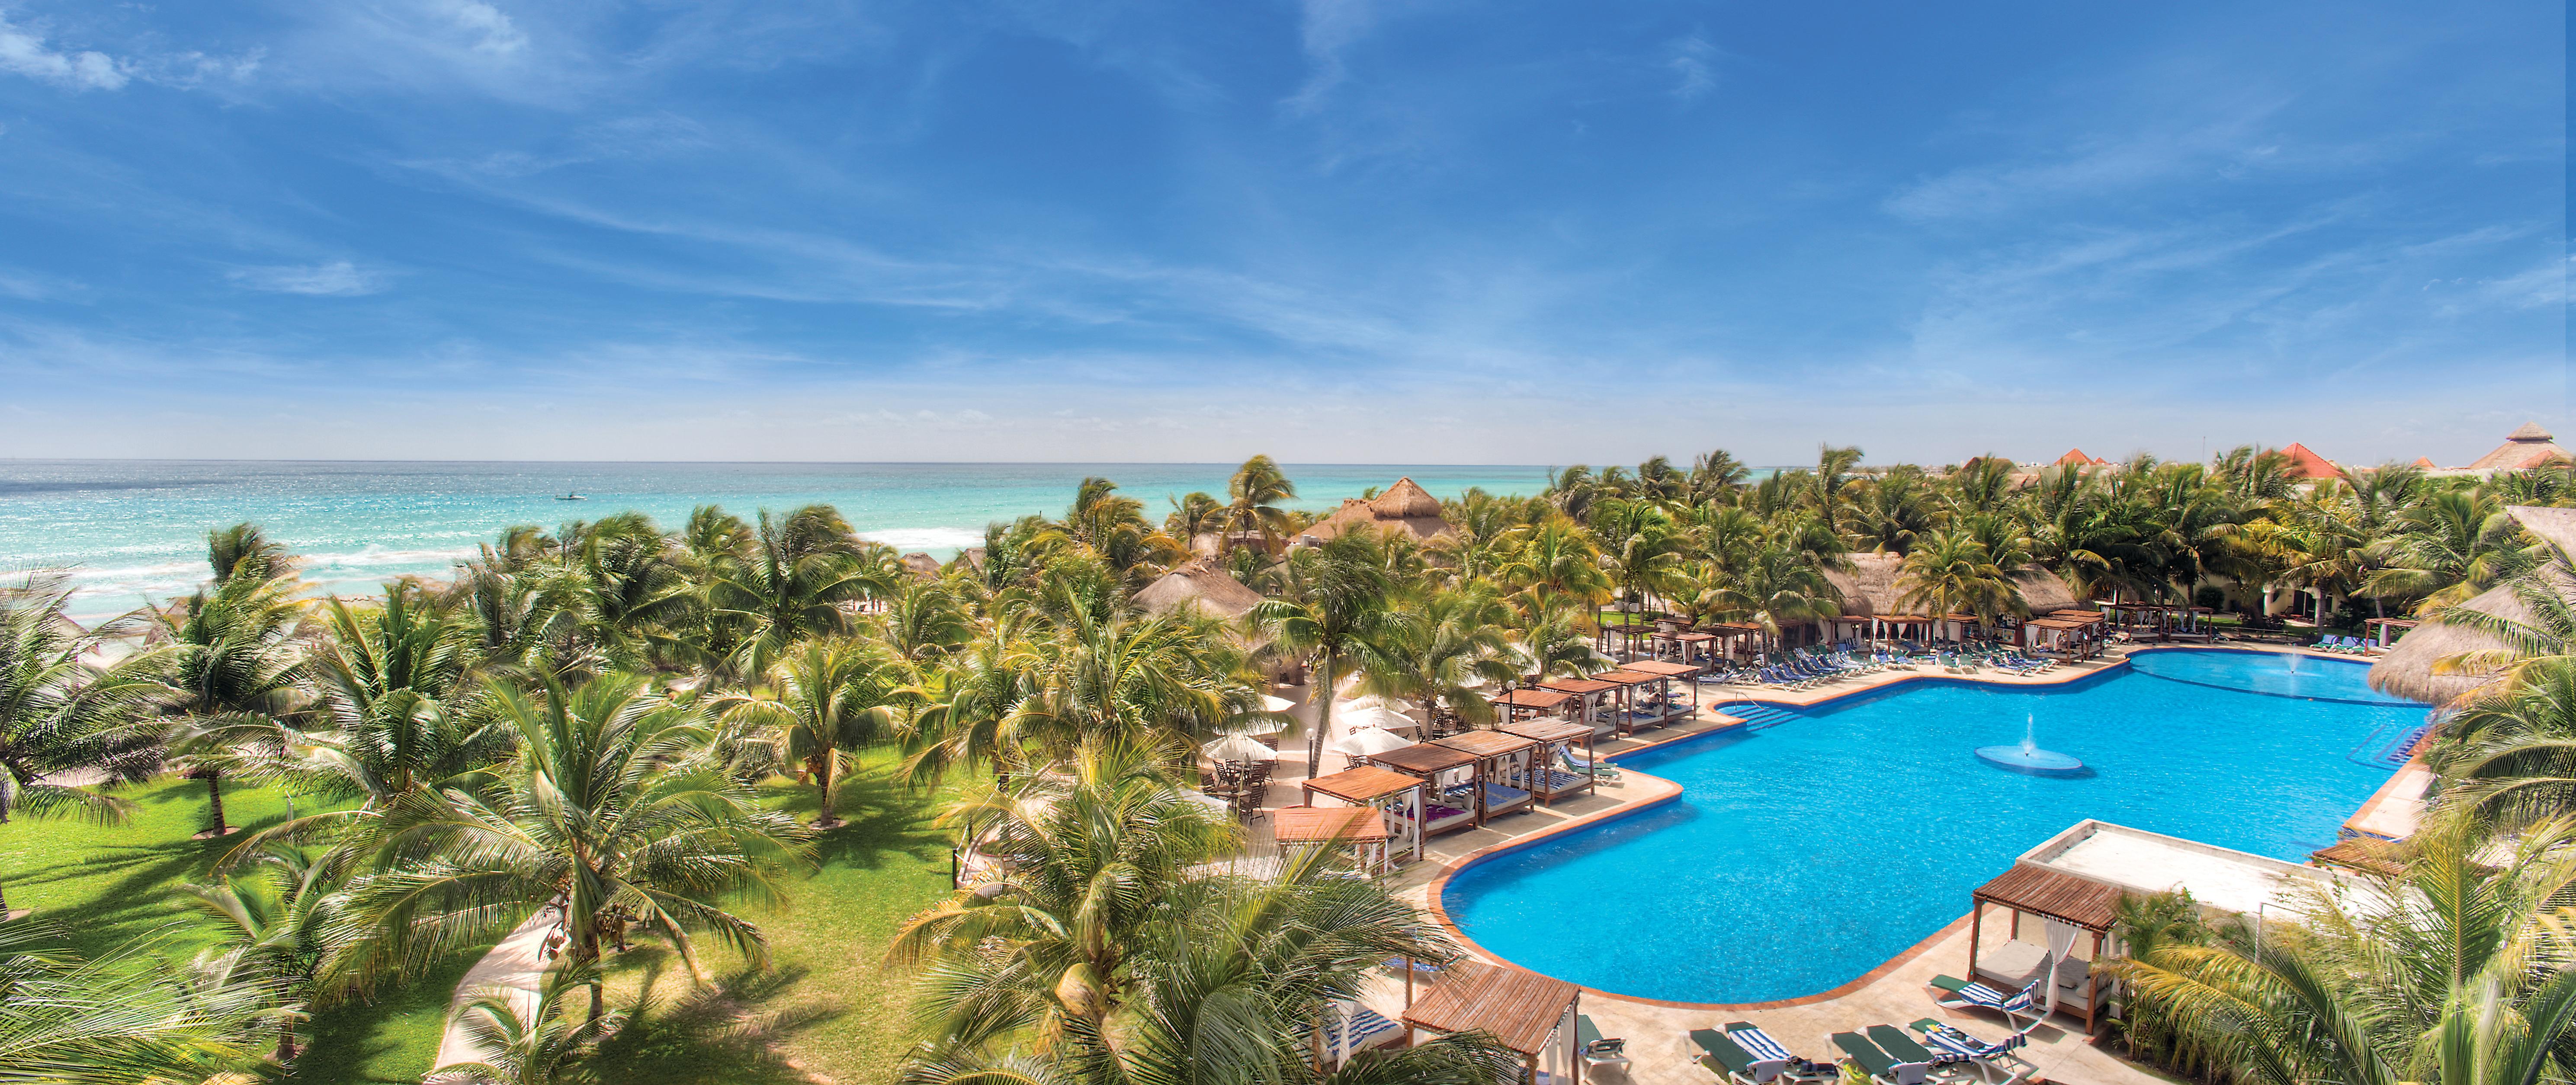 Travel Agency All-Inclusive Resort El Dorado Royale 10